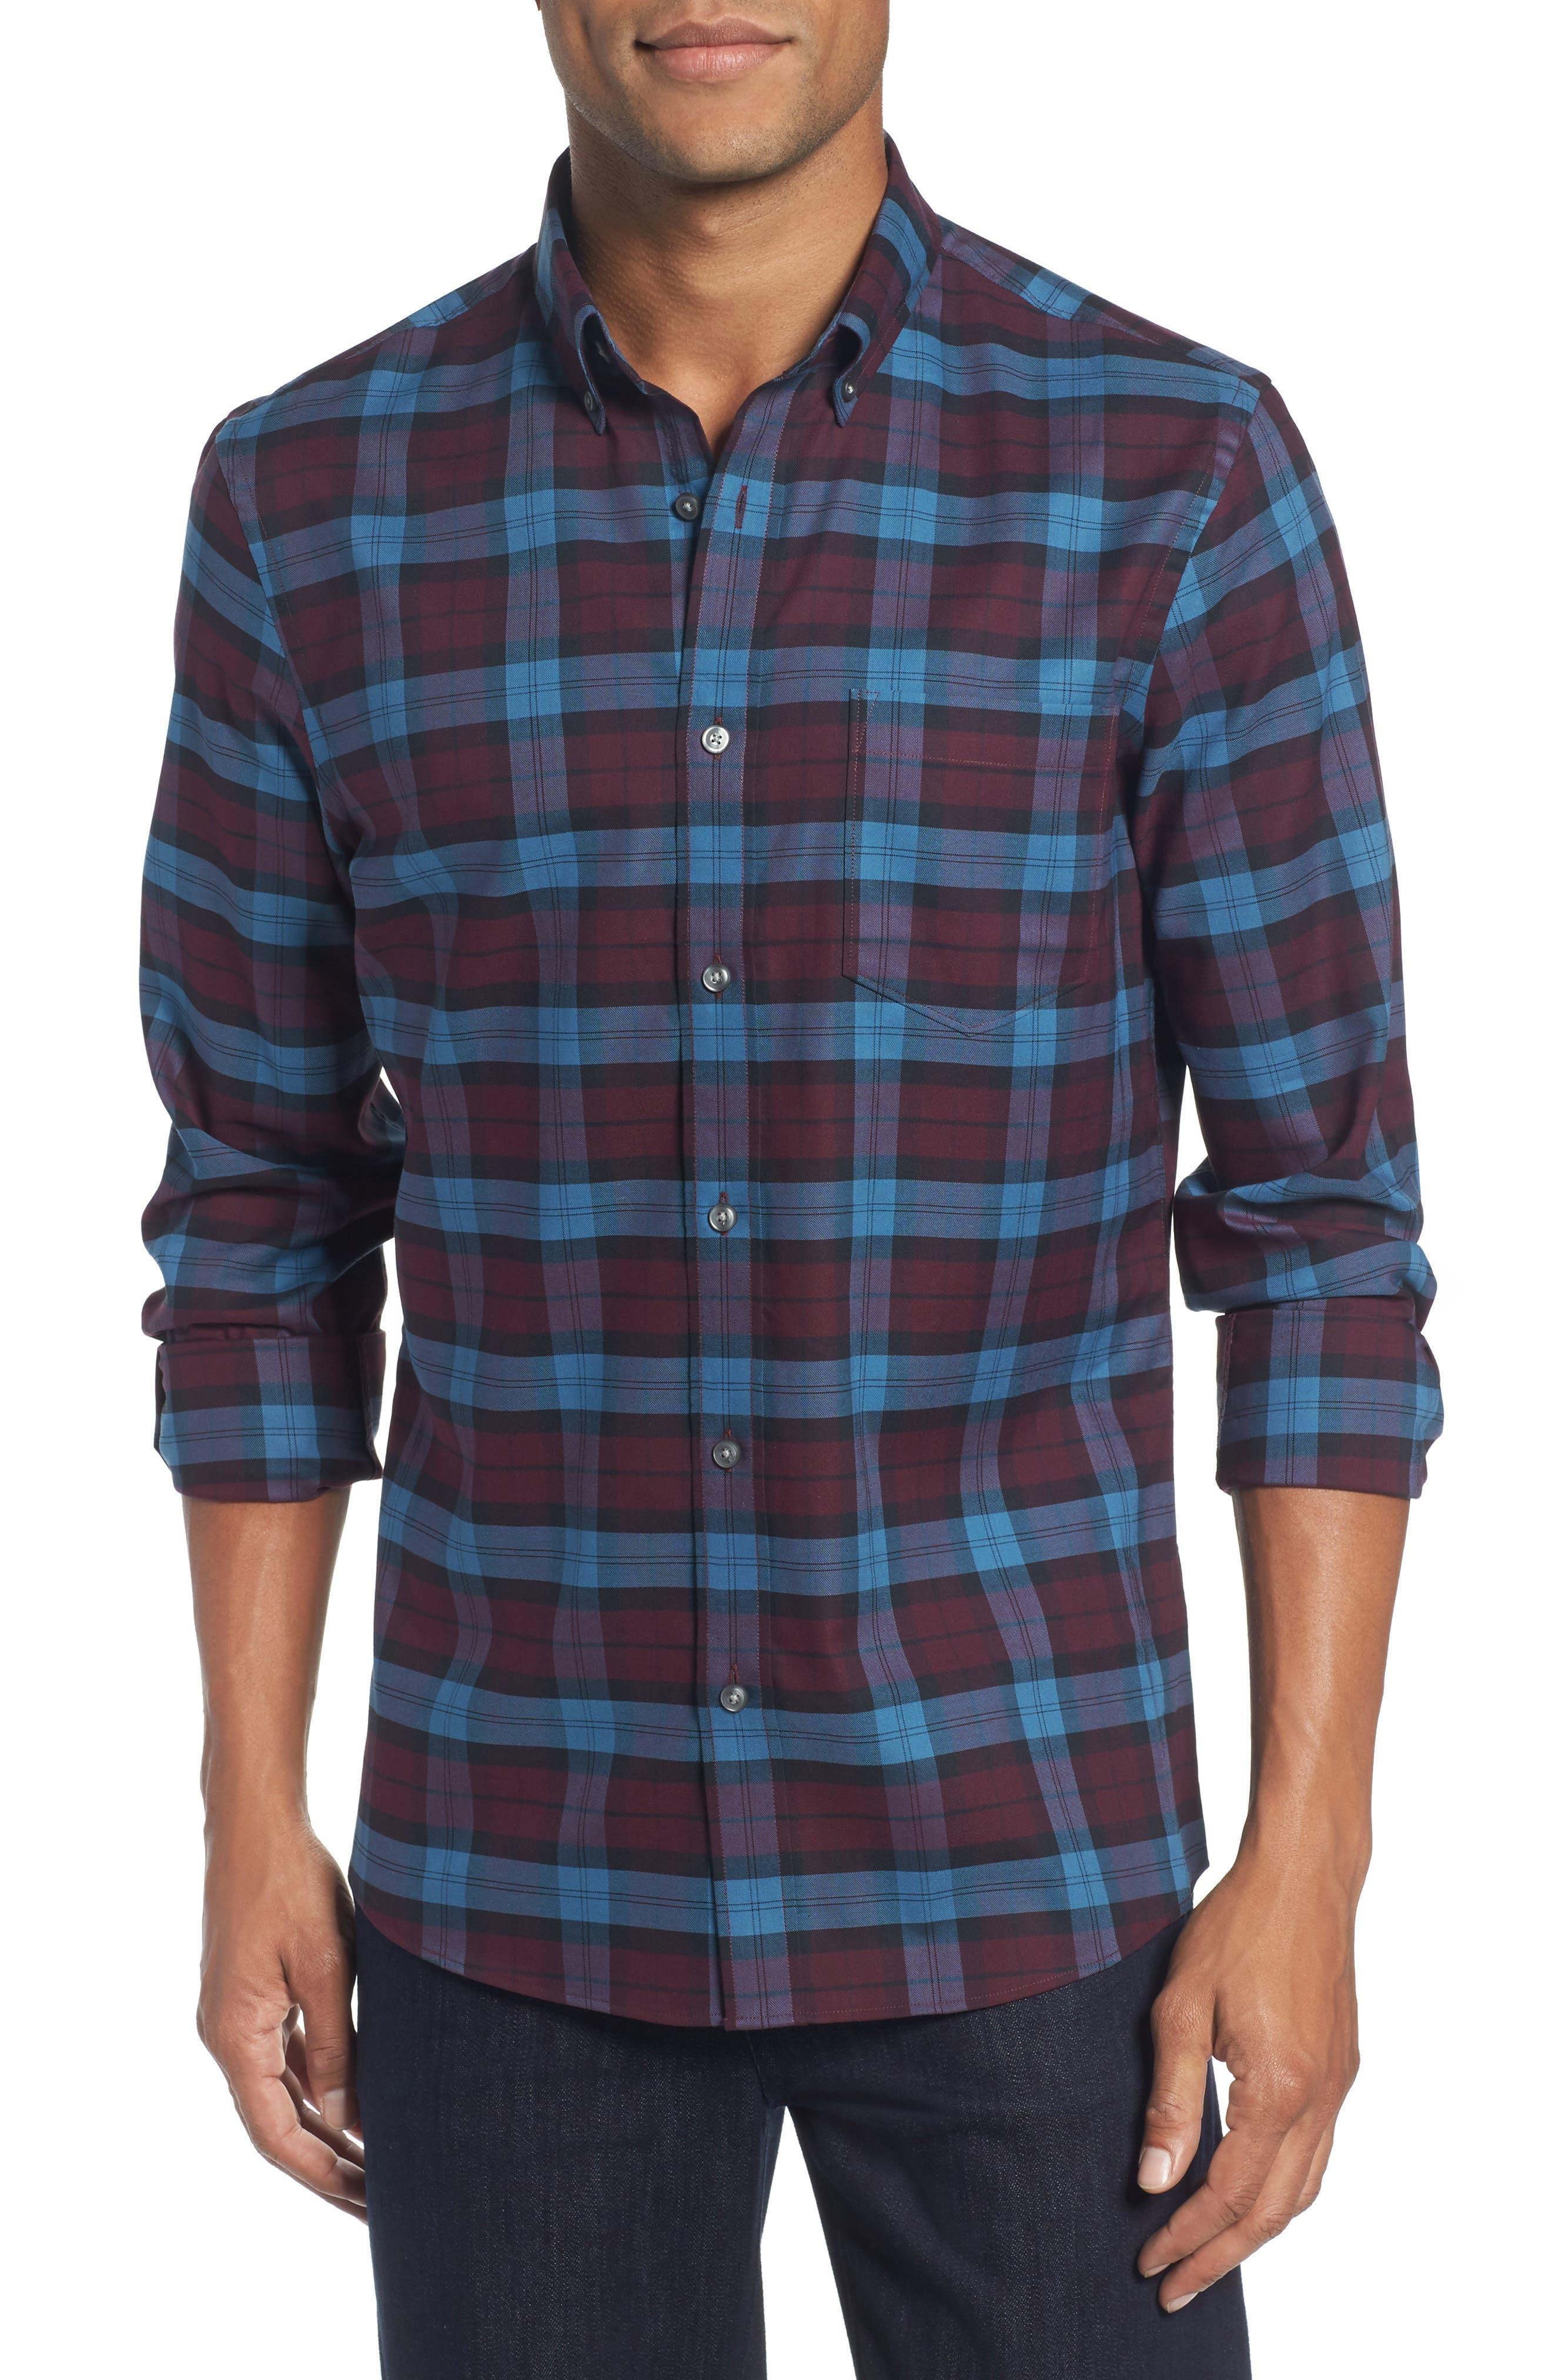 Tech-Smart Slim Fit Plaid Sport Shirt,                             Main thumbnail 1, color,                             638